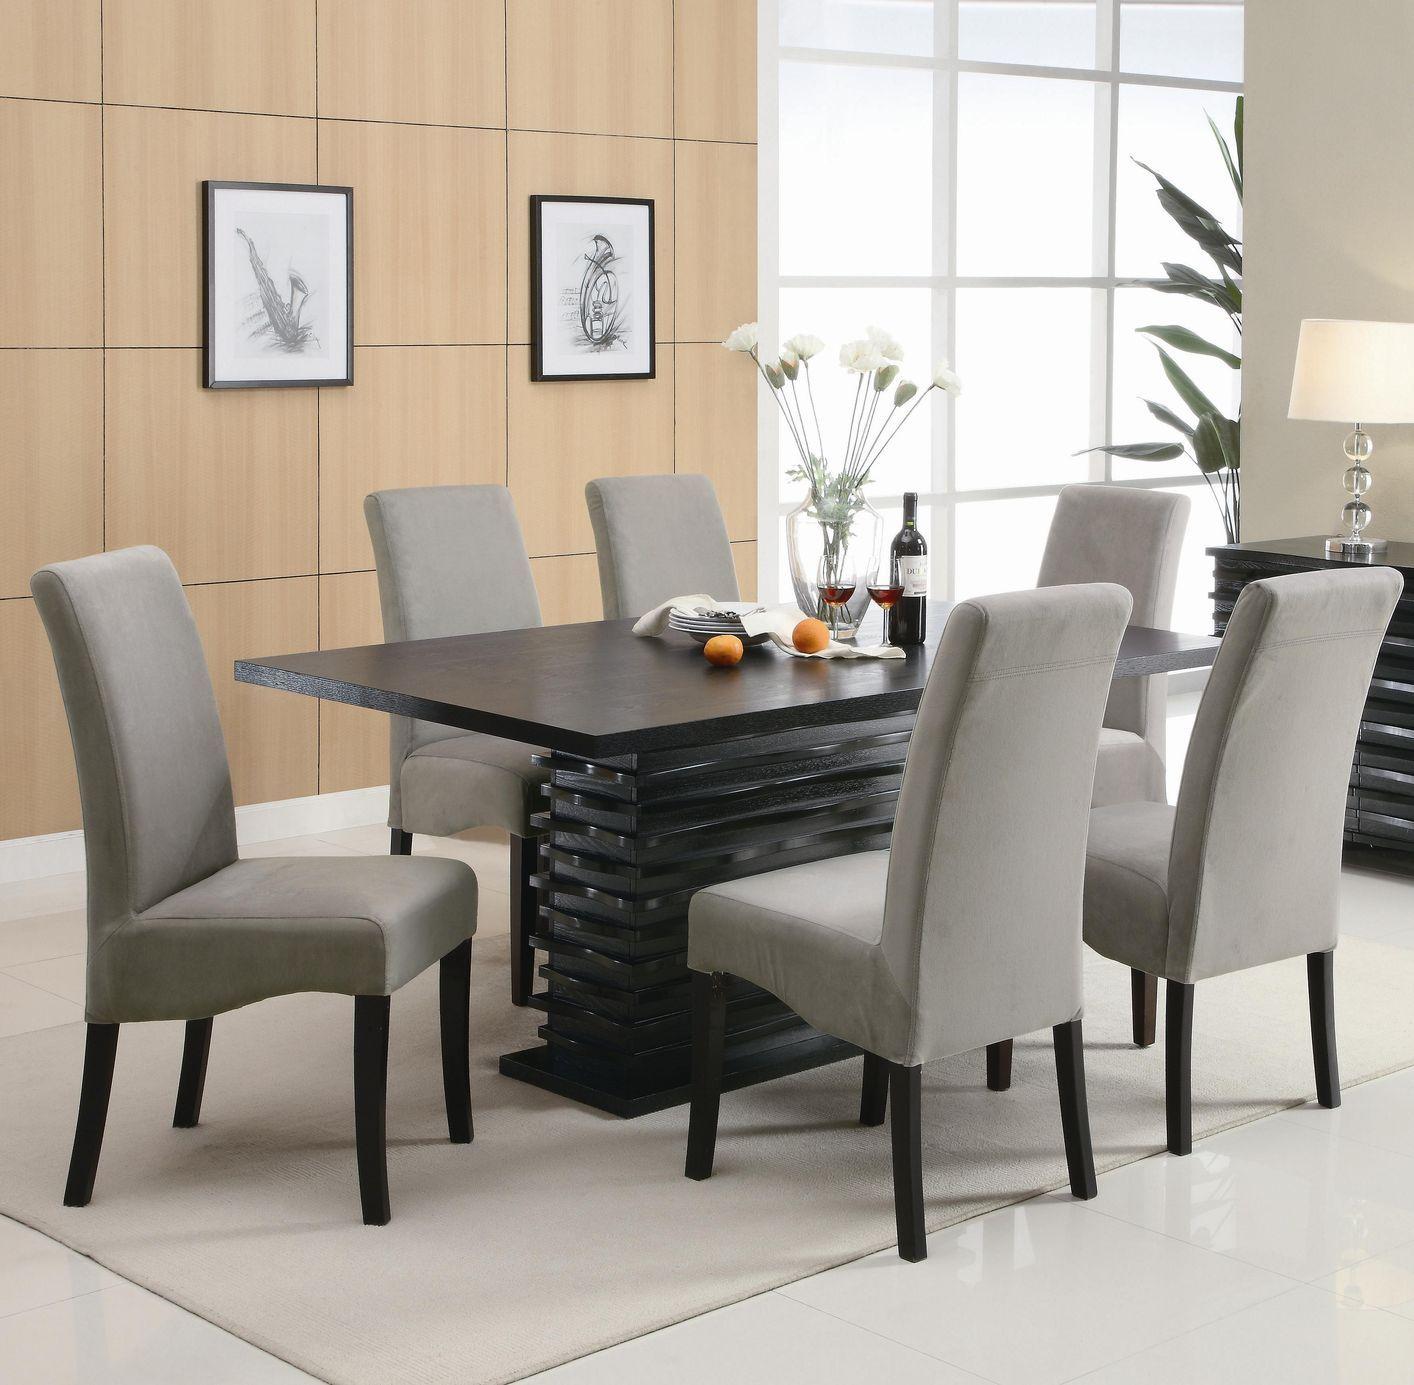 Esstisch Leder Stühle | Stühle | Pinterest | Stühle für esstisch ...